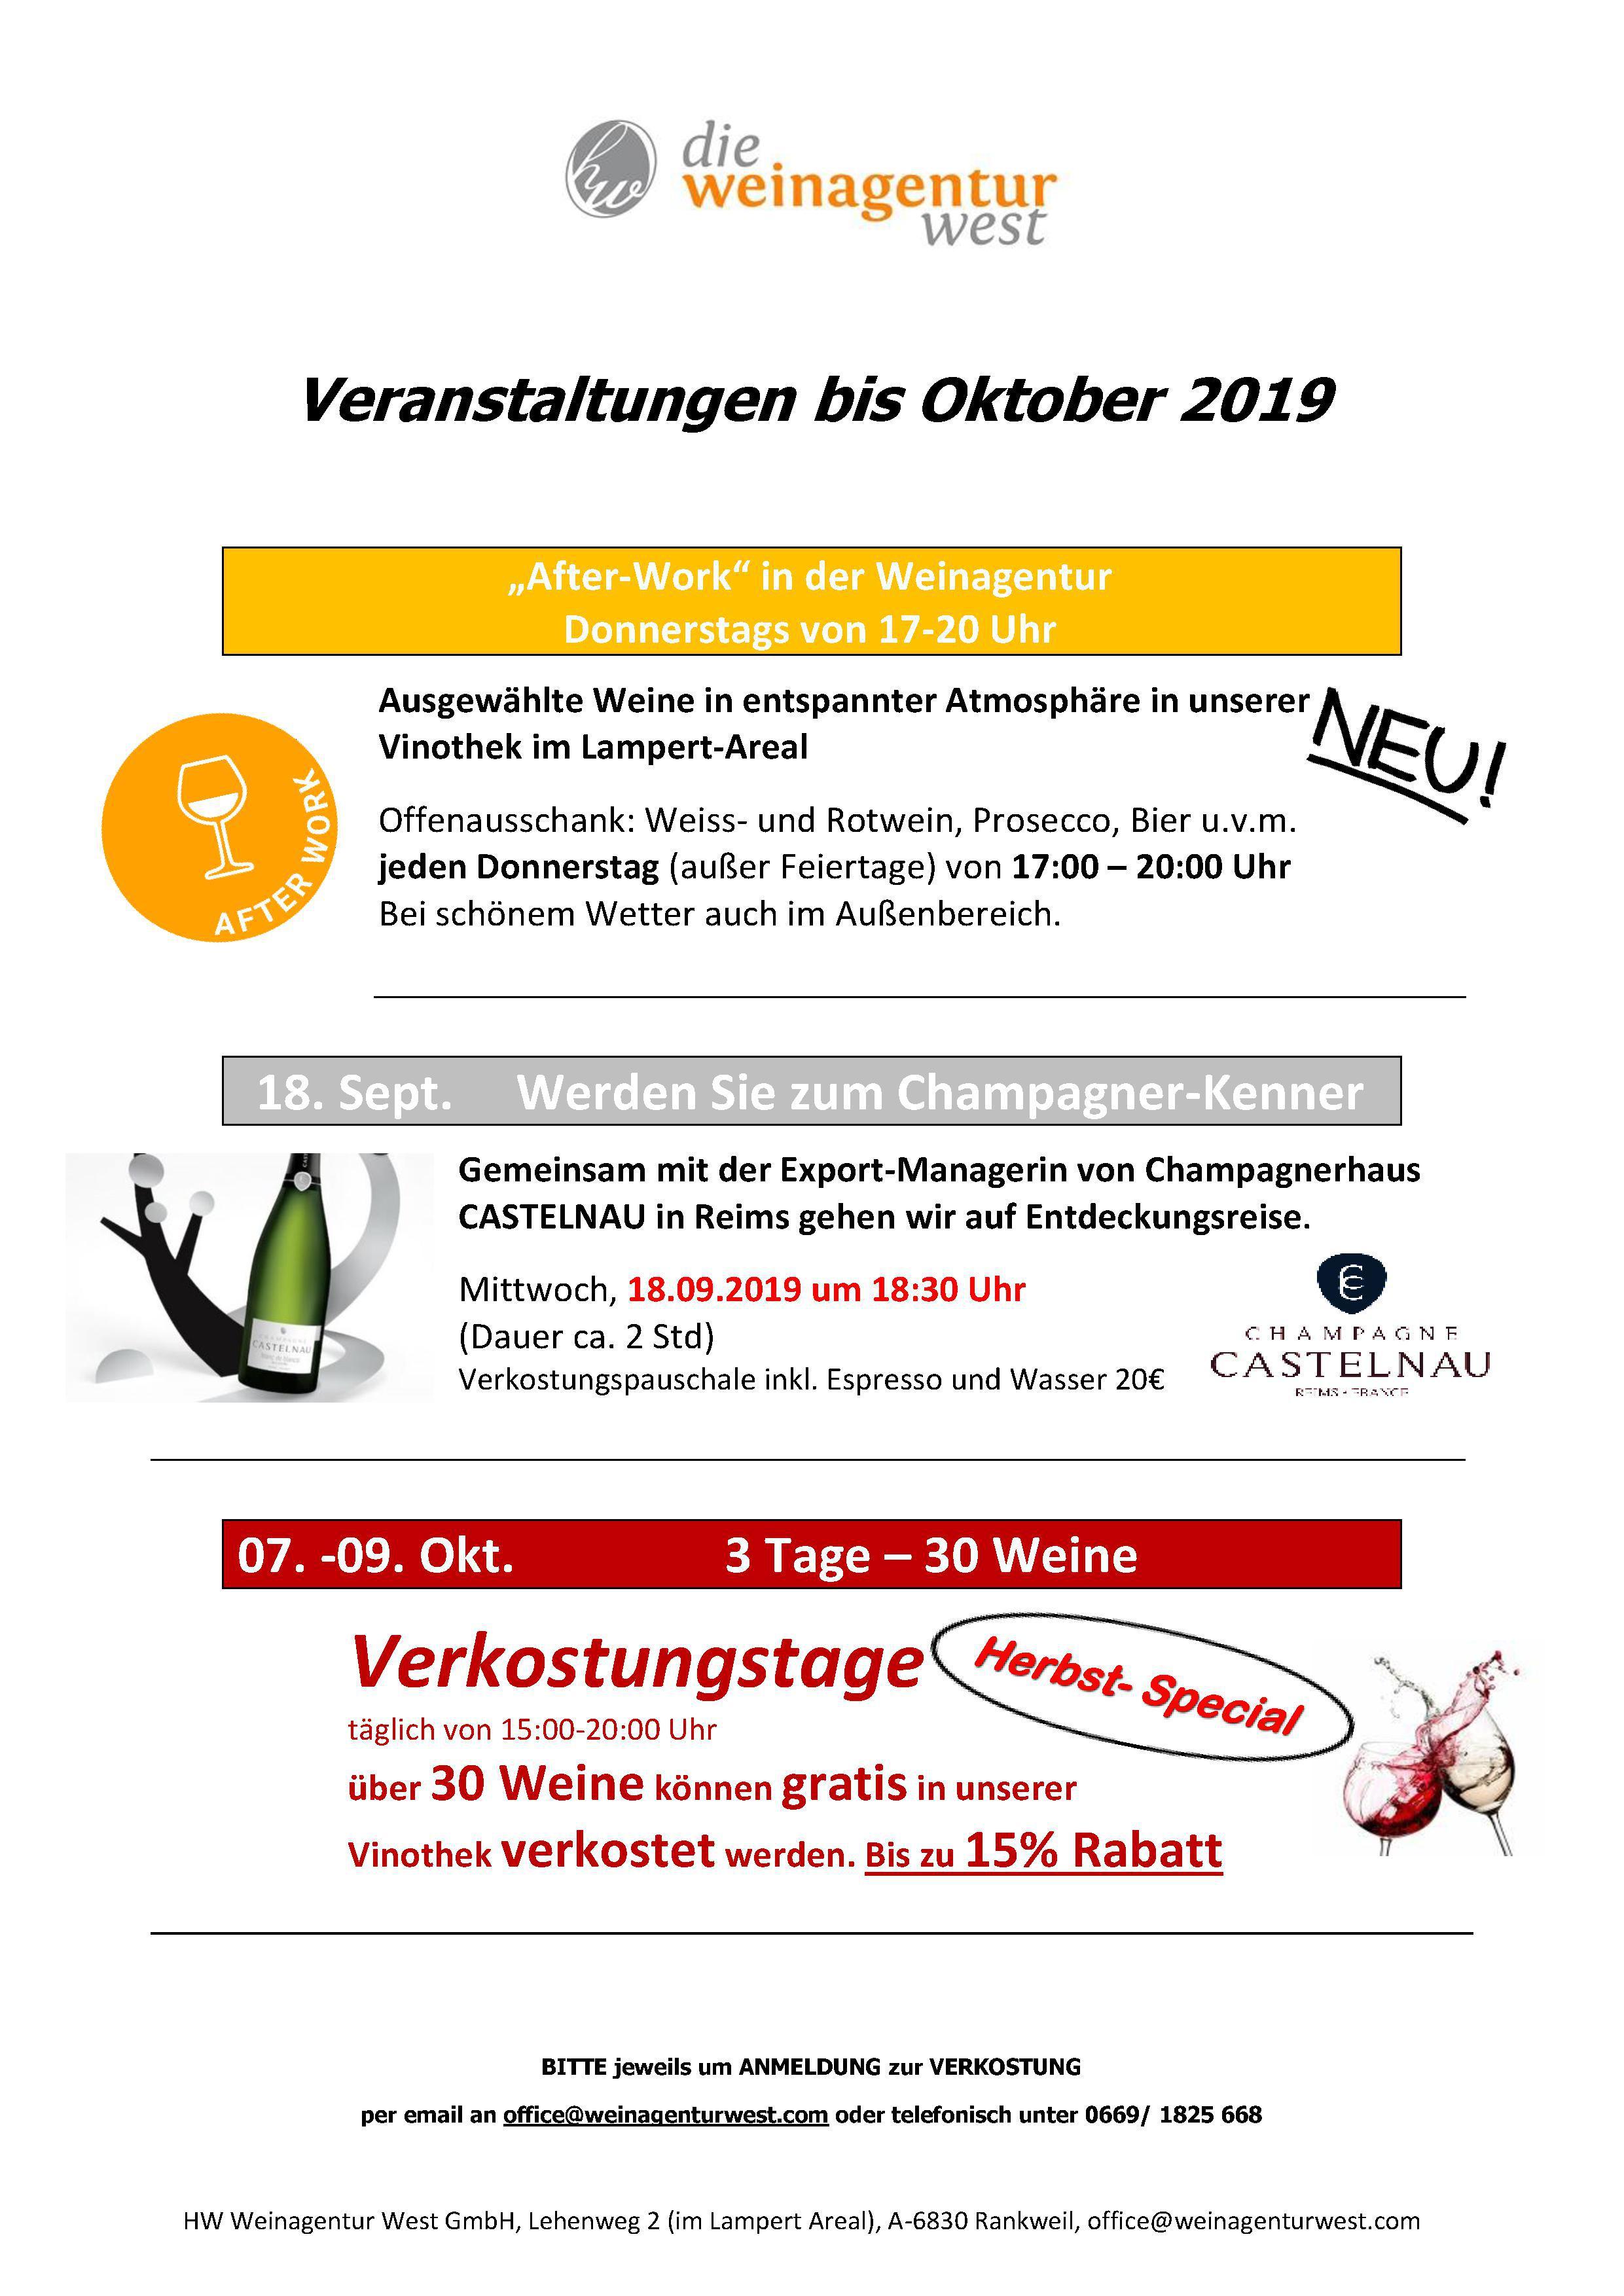 HW Weinagentur West GmbH